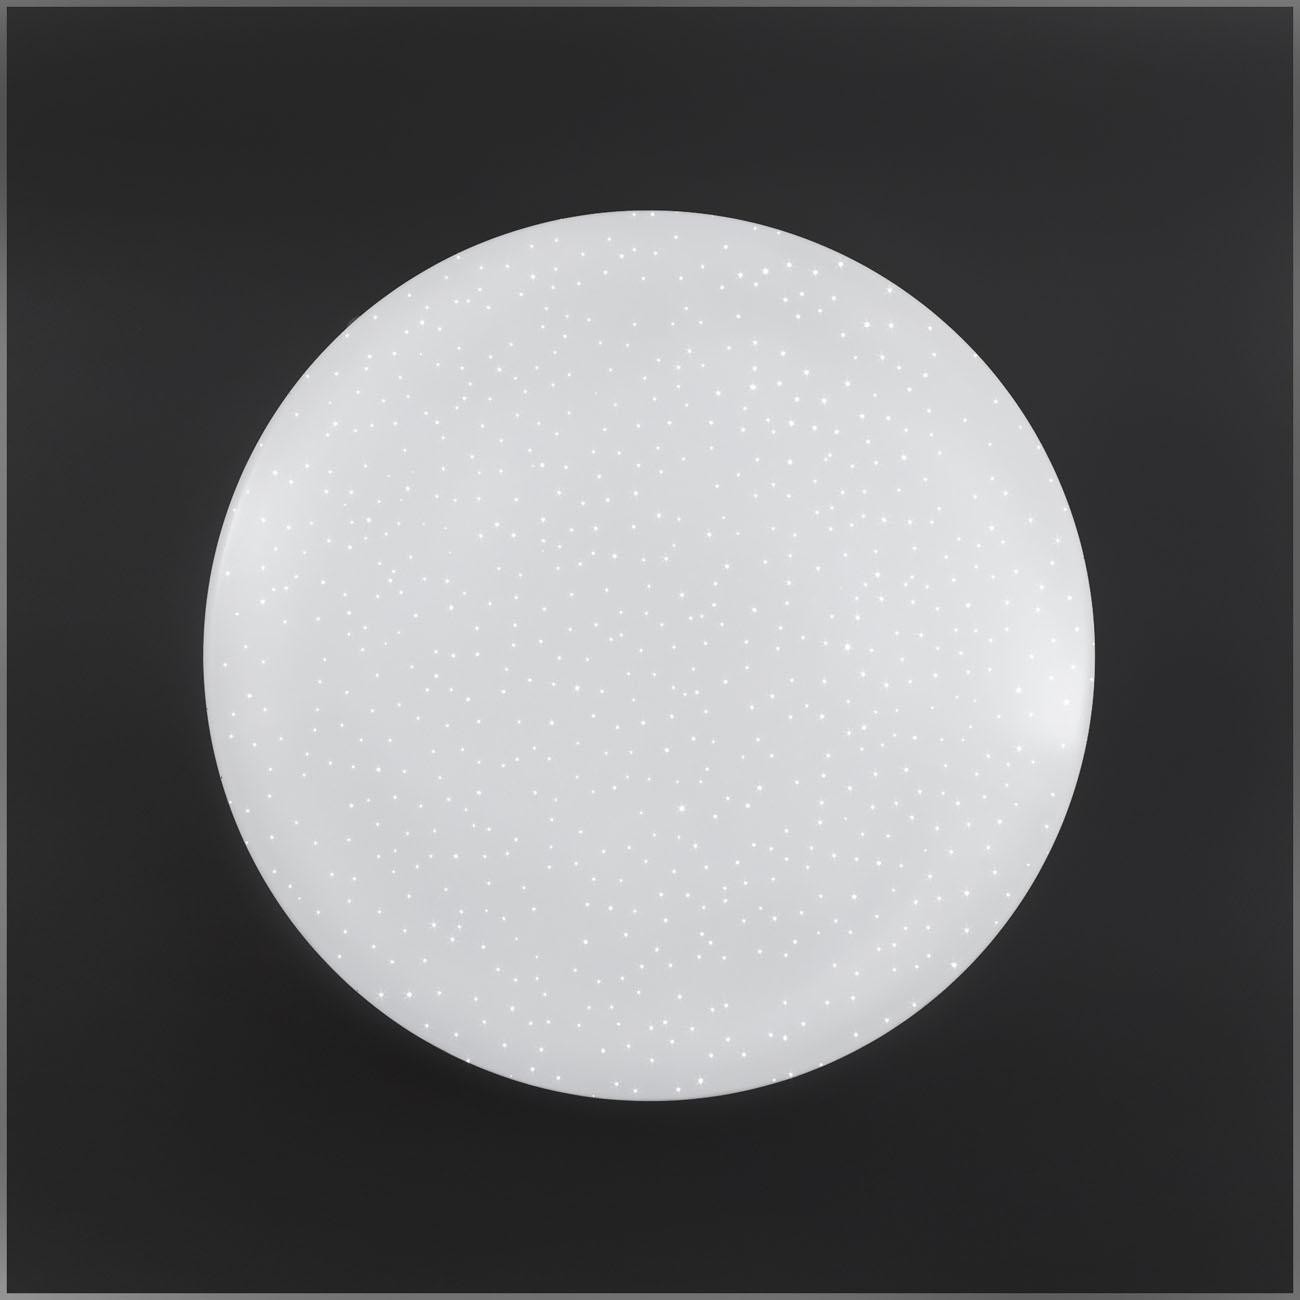 LED Deckenleuchte Sternenlicht - 7